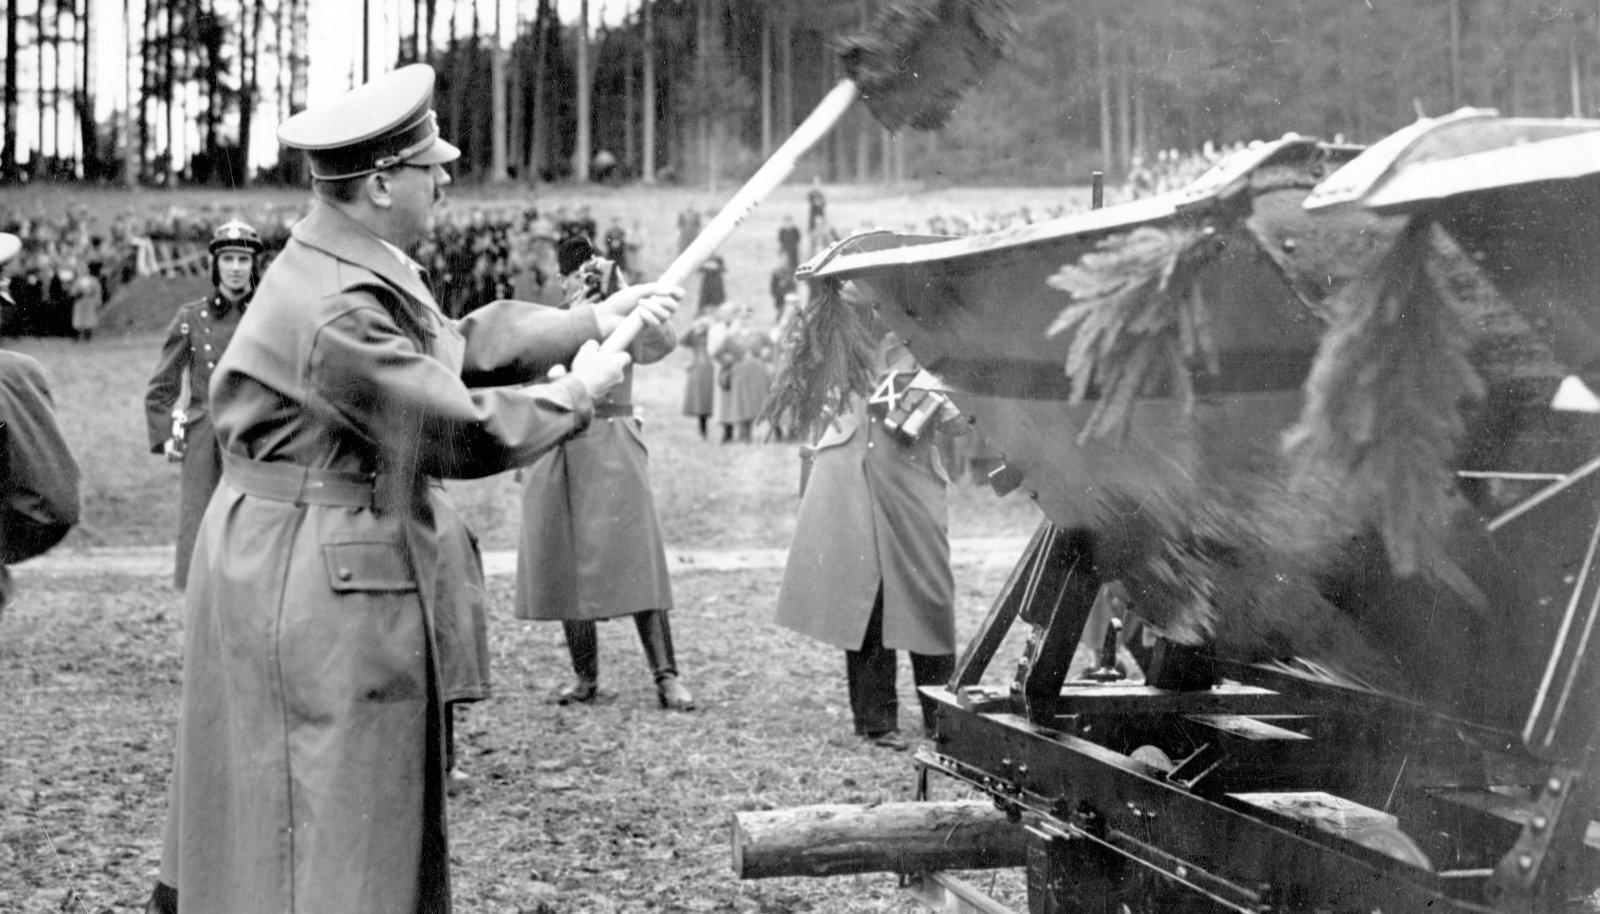 SIIT ALGAB AUTOBAHN! Adolf Hitler aprillis 1938 Salzburgi lähedal, kus alustati Reichsautobahni ehitamisega. Sakslastele teatati, et esimese mätta tõstis labidaga füürer isiklikult.